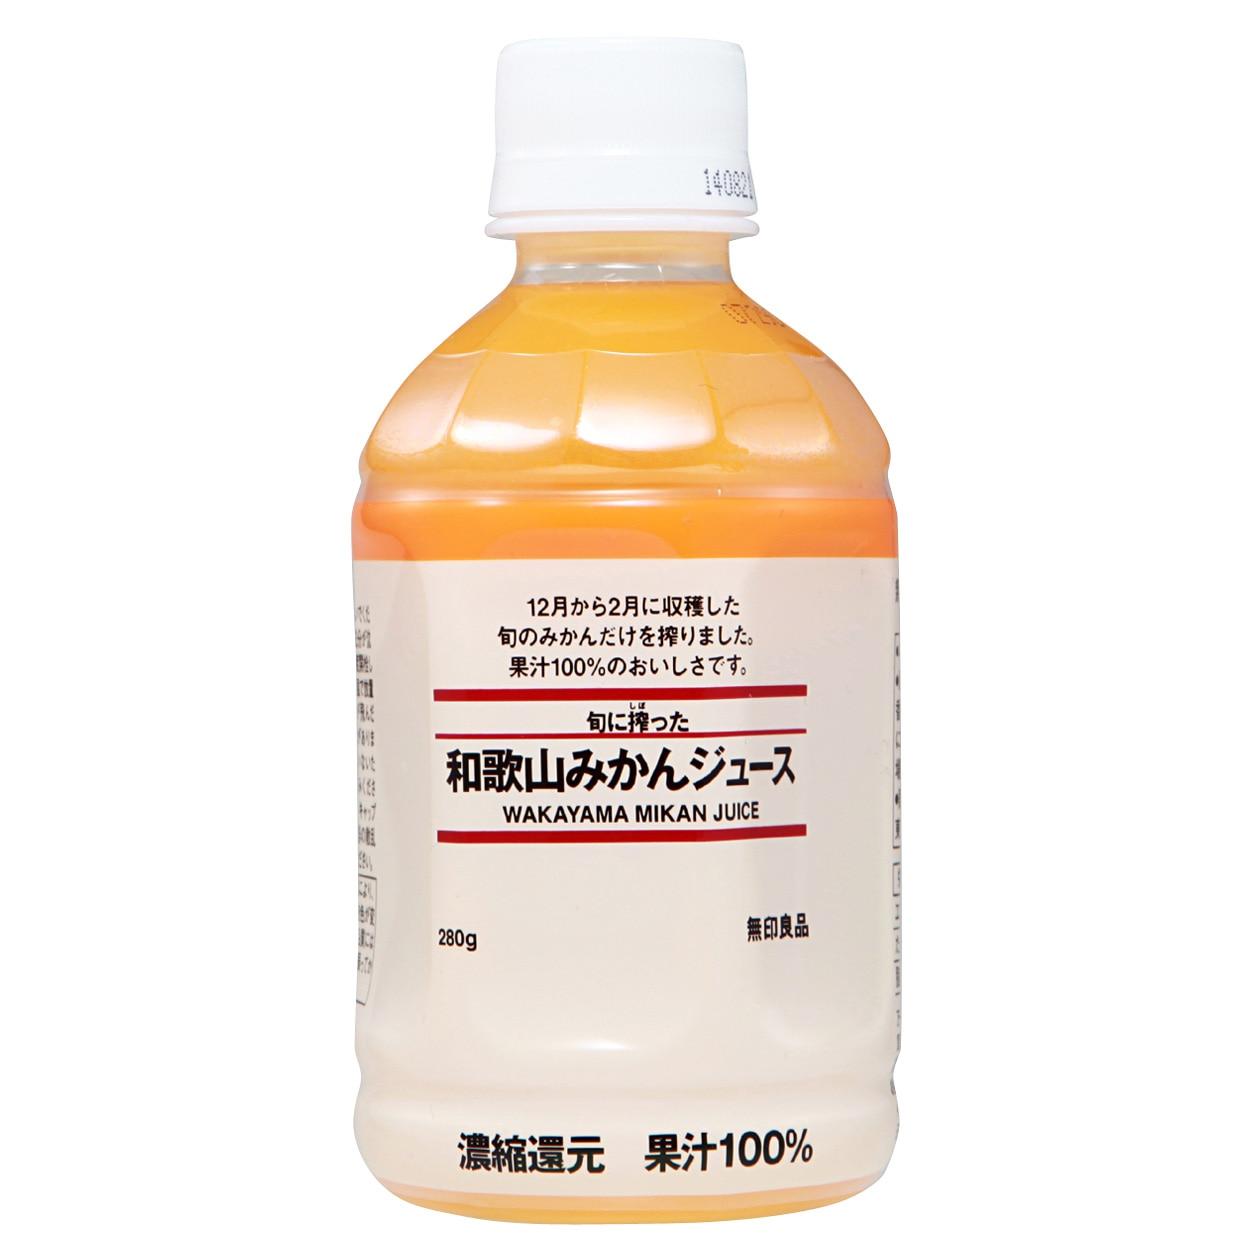 旬に搾った 和歌山みかんジュース